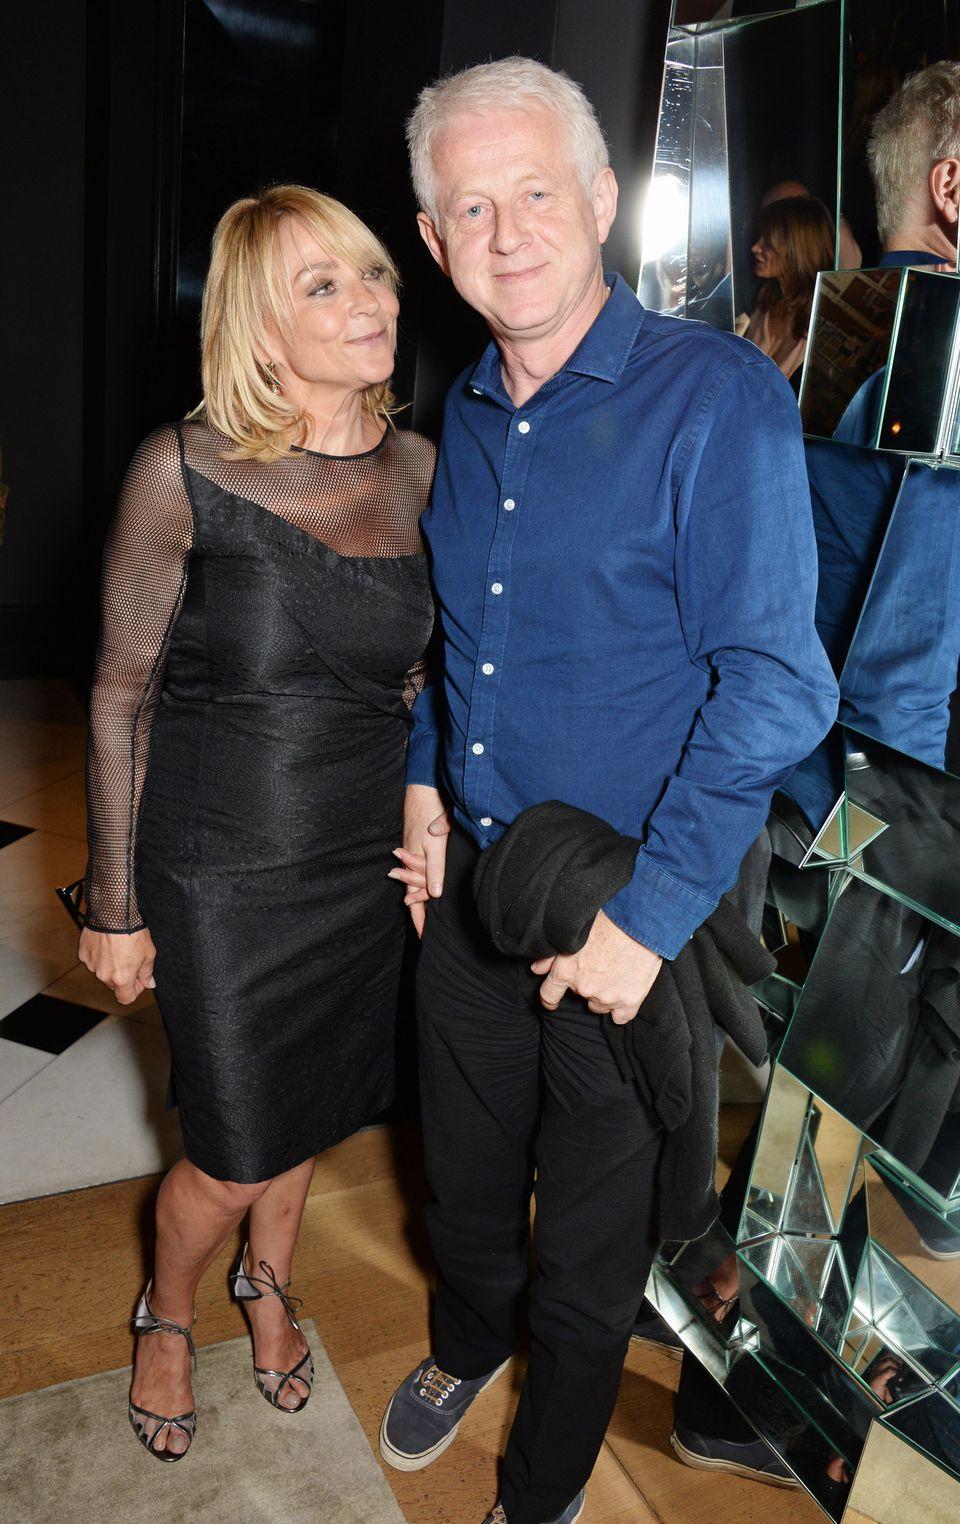 Helen Fielding and Richard